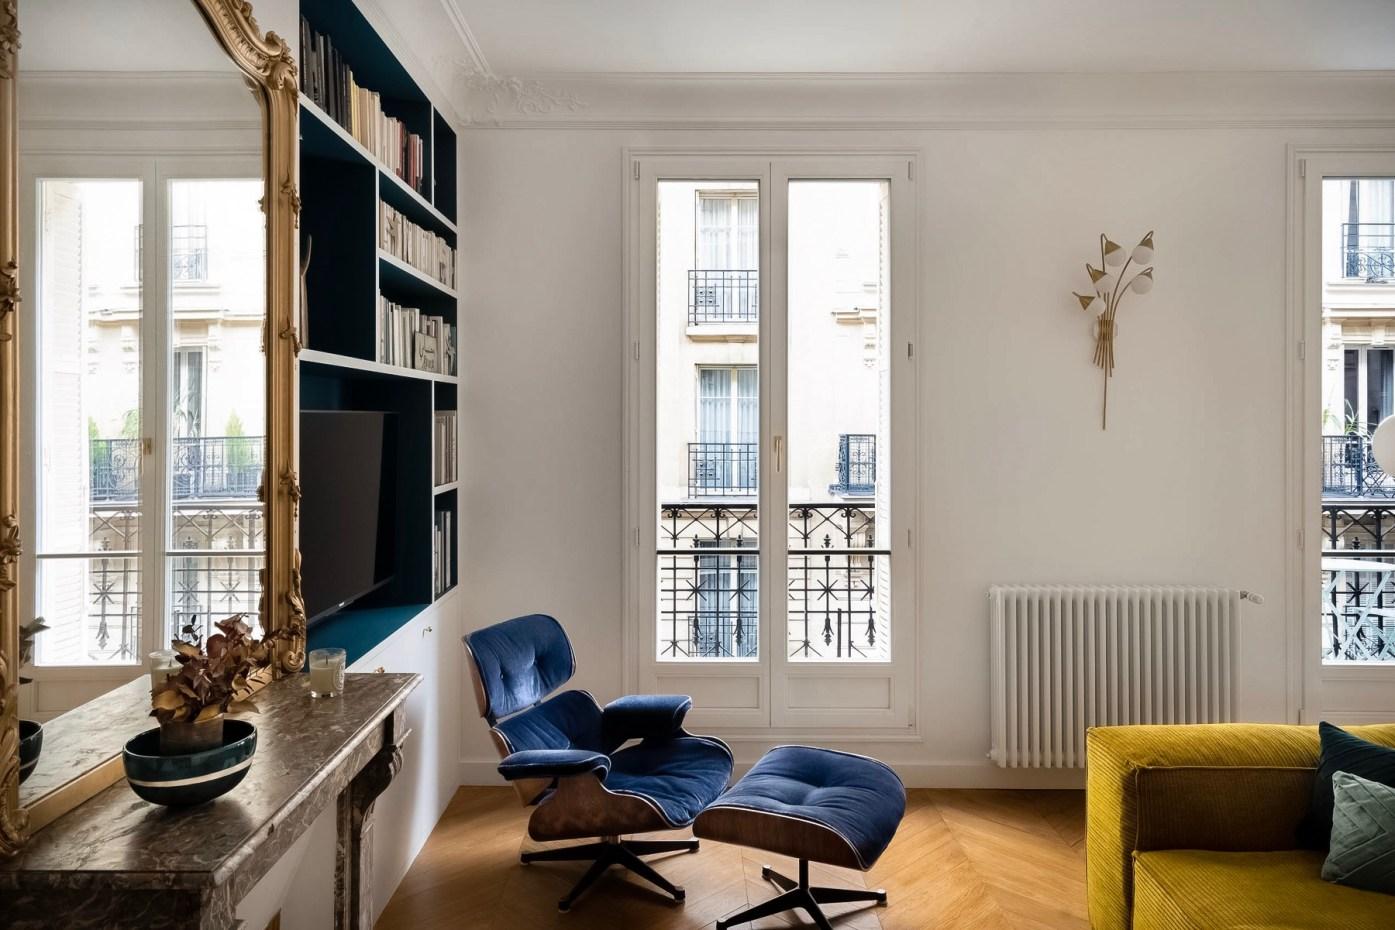 кресло в гостиной французские окна